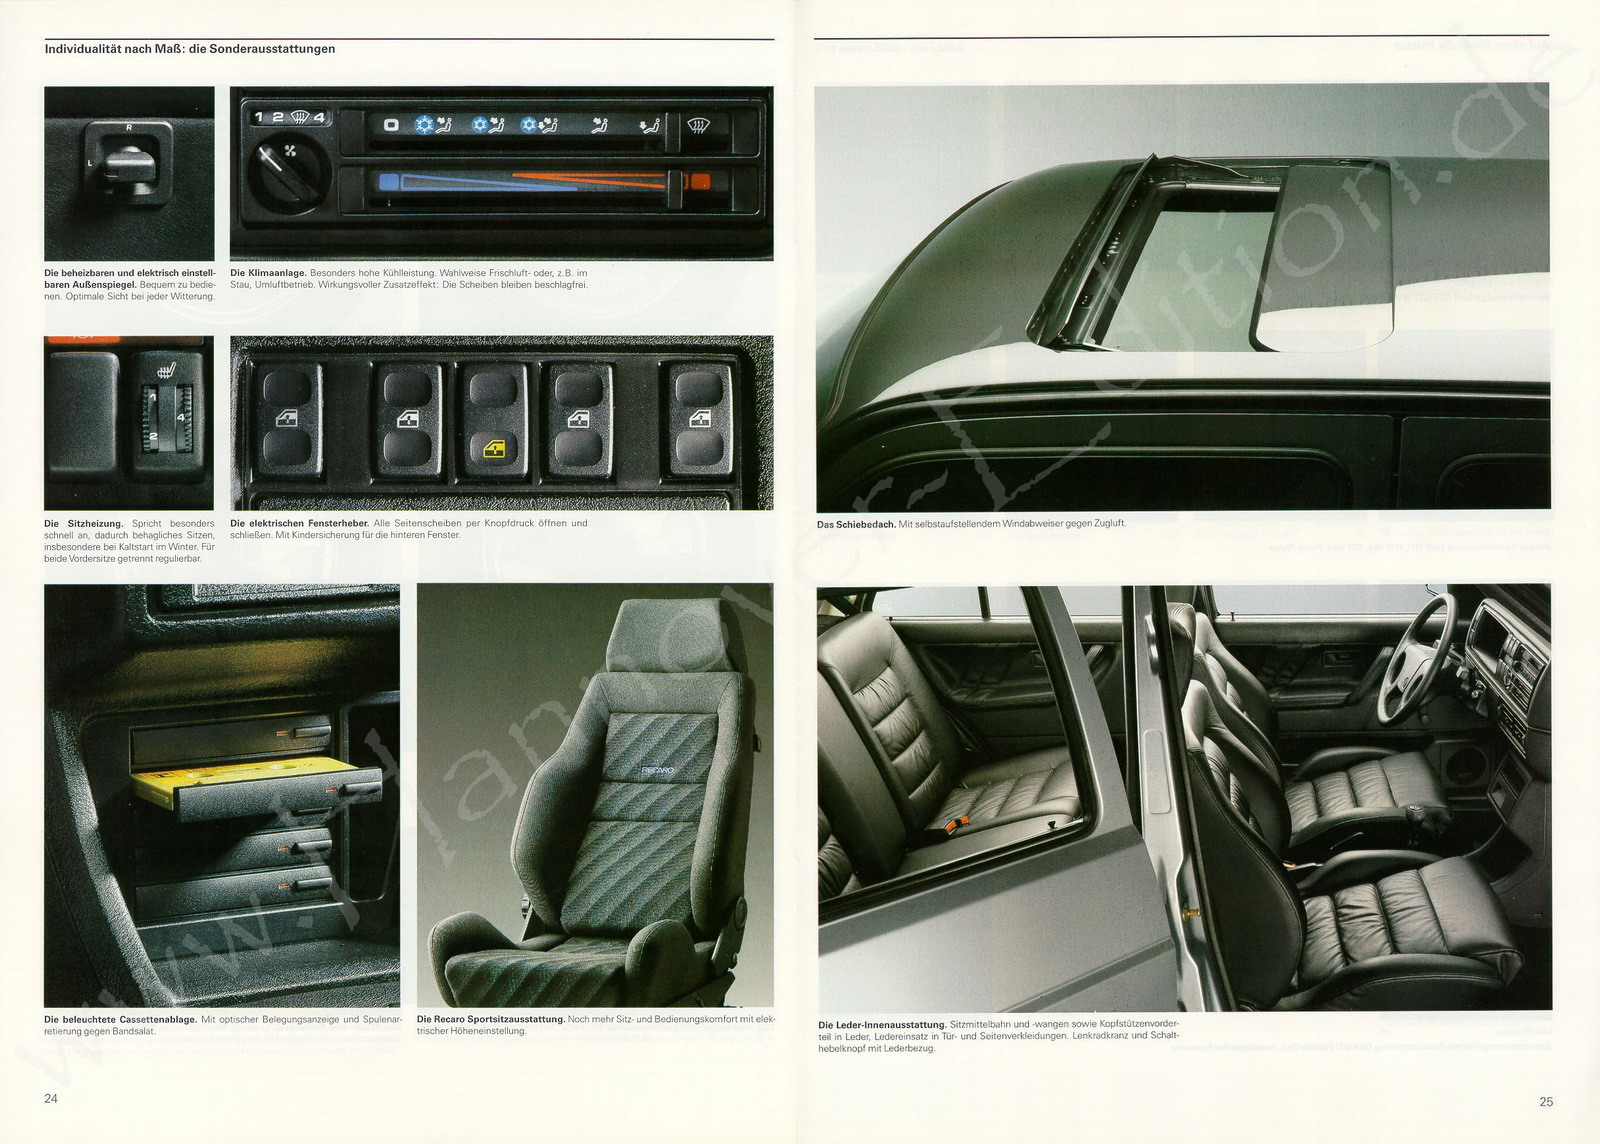 votex konsole allgemeines zum thema auto wolfsburg. Black Bedroom Furniture Sets. Home Design Ideas